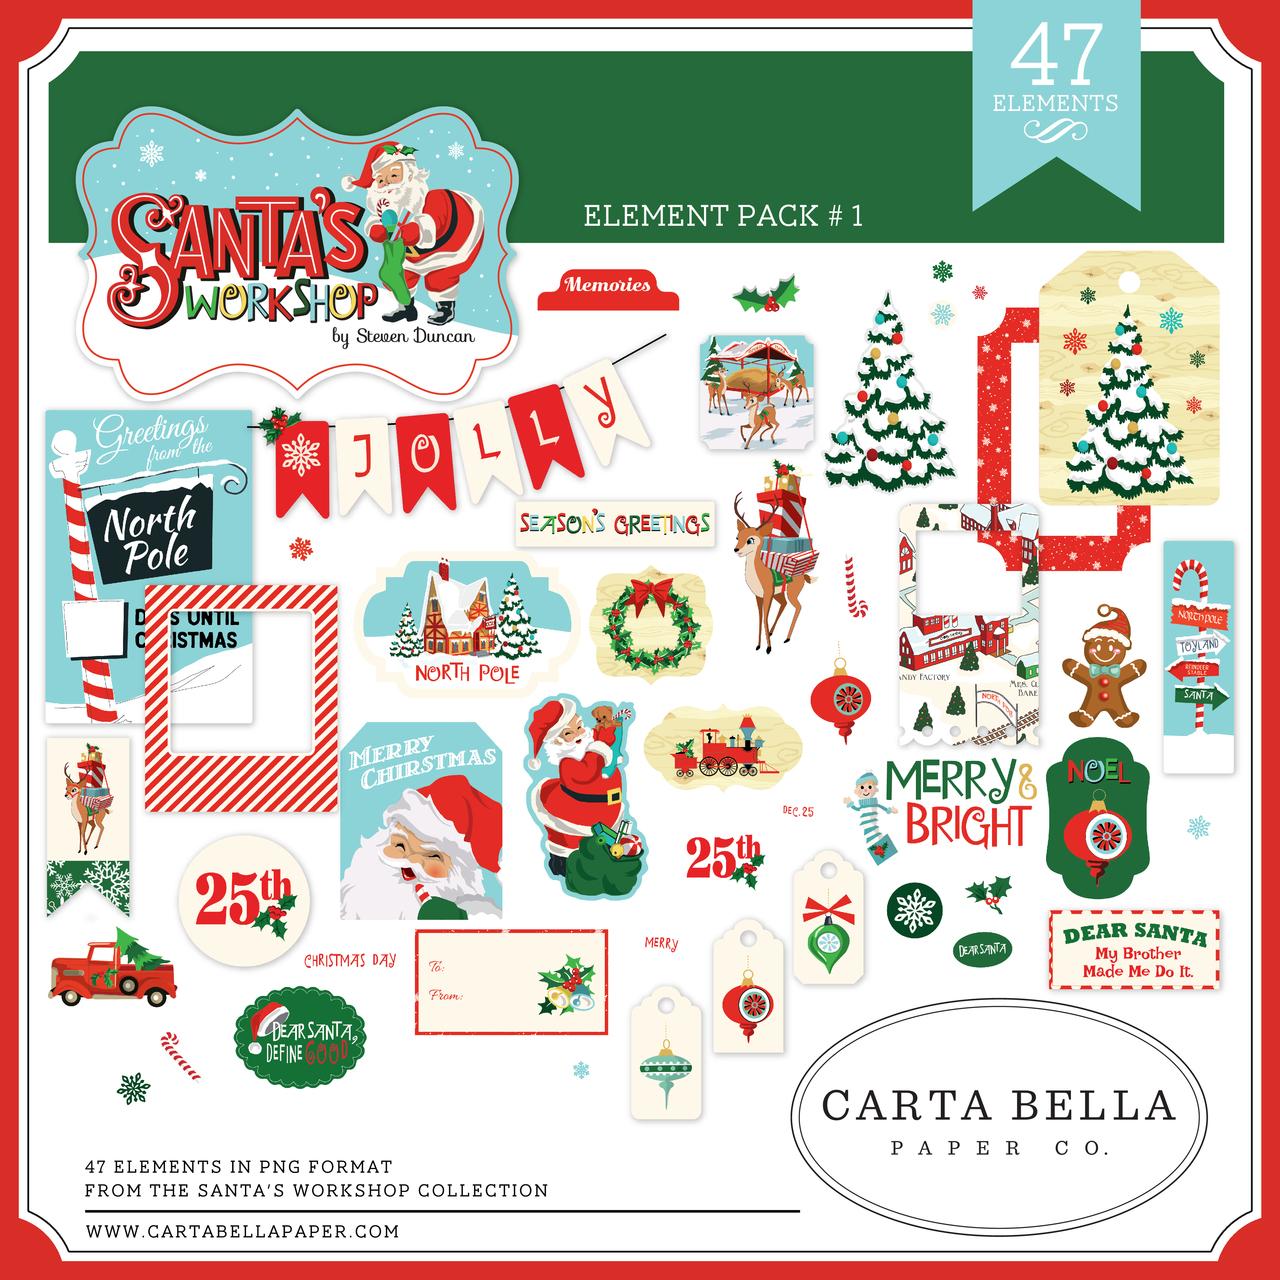 Santa's Workshop Element Pack #1